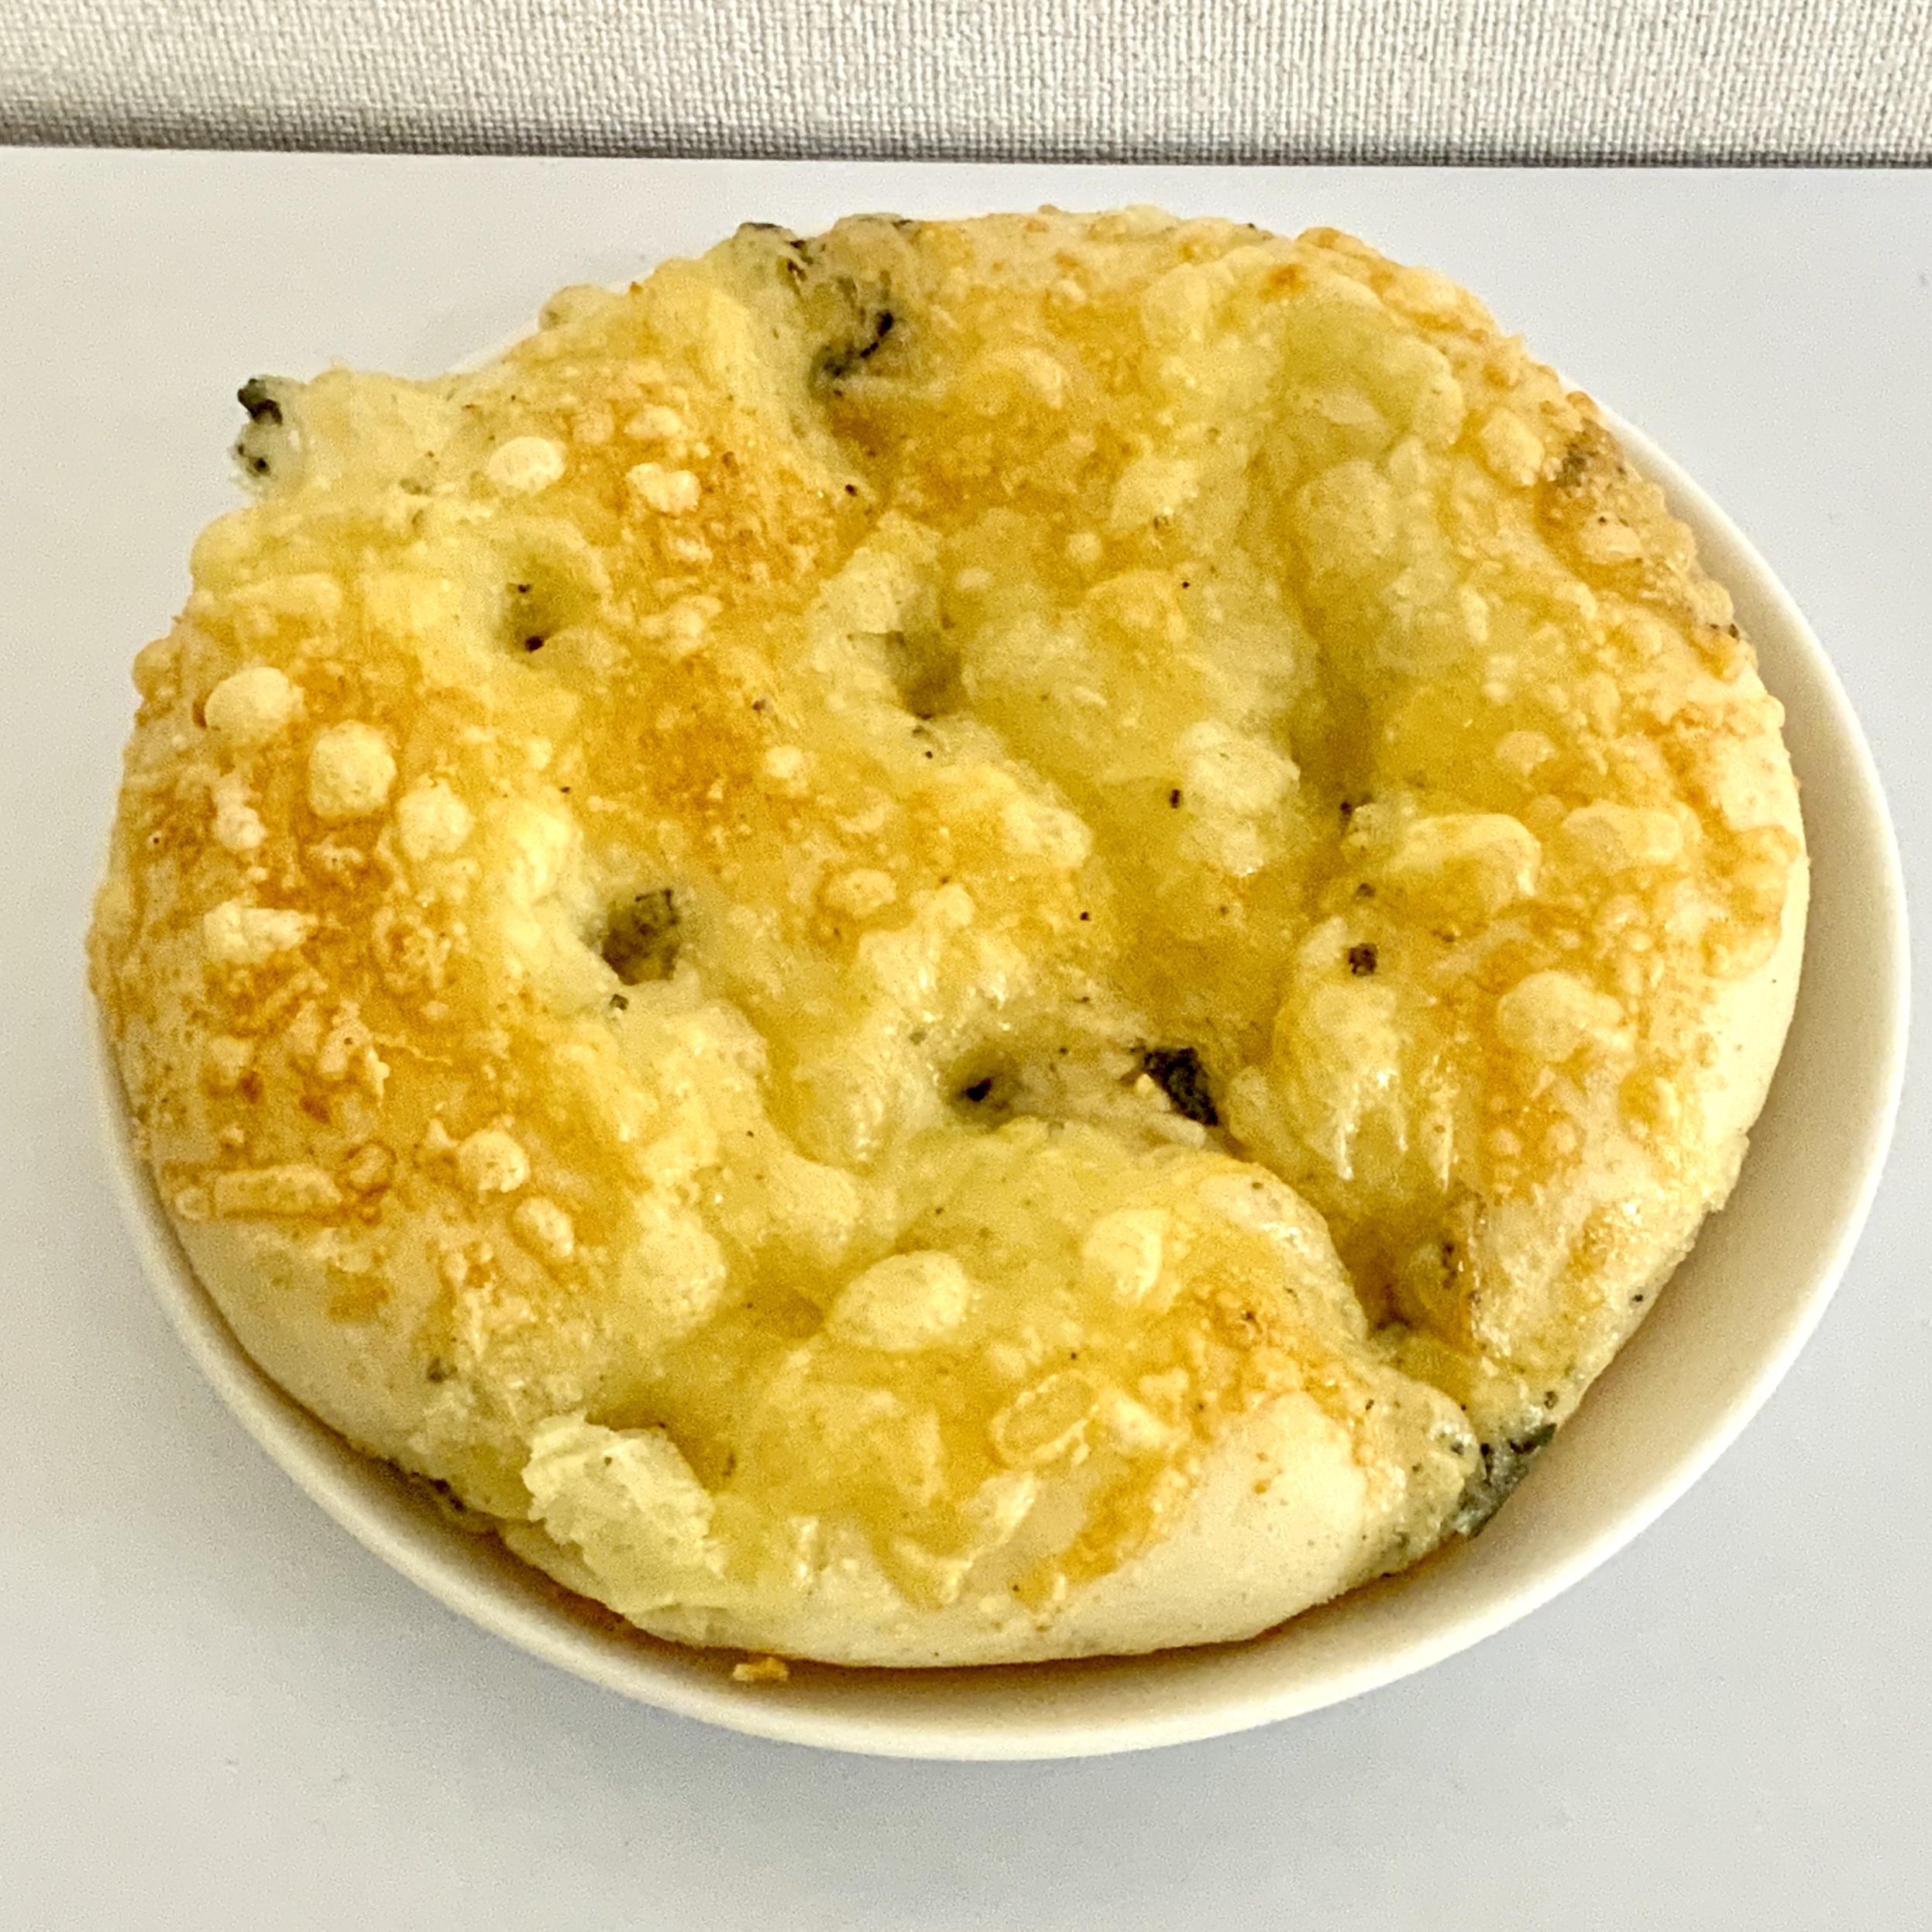 オパン OPAN 笹塚 パン フォカッチャ 行列 チーズ